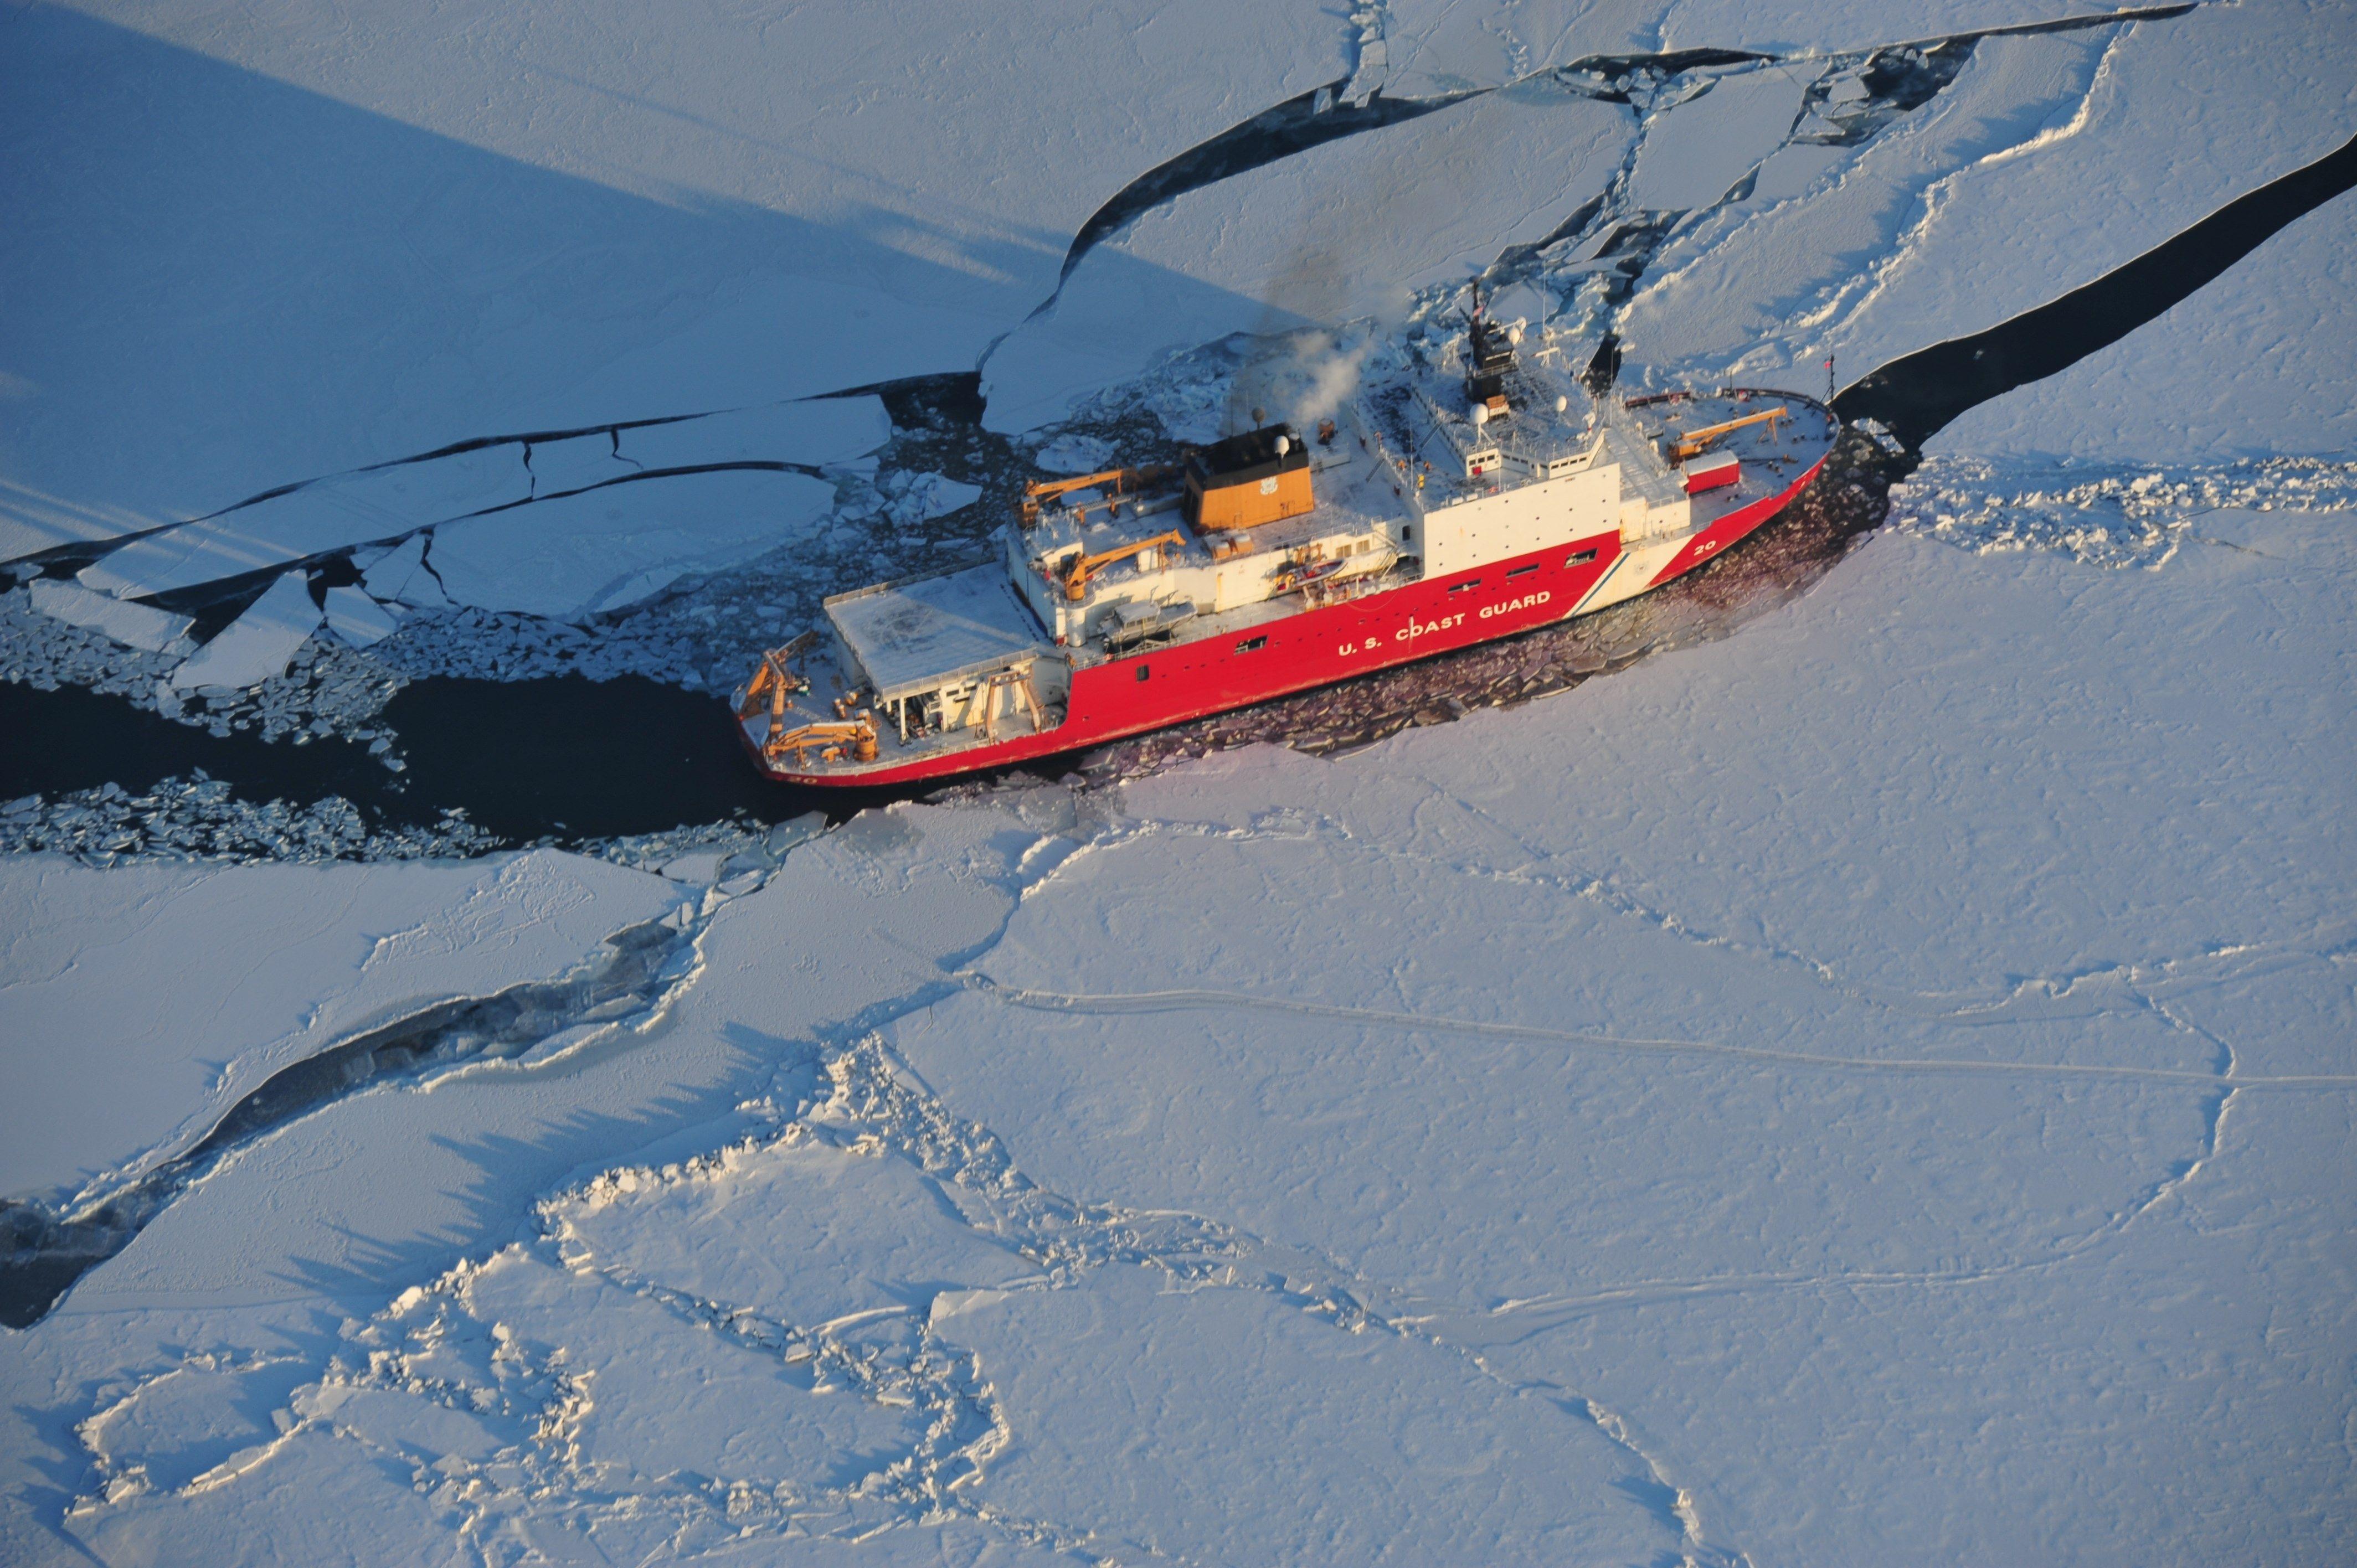 садовая посадка ледокол ломает лед фотографии переднего бортика